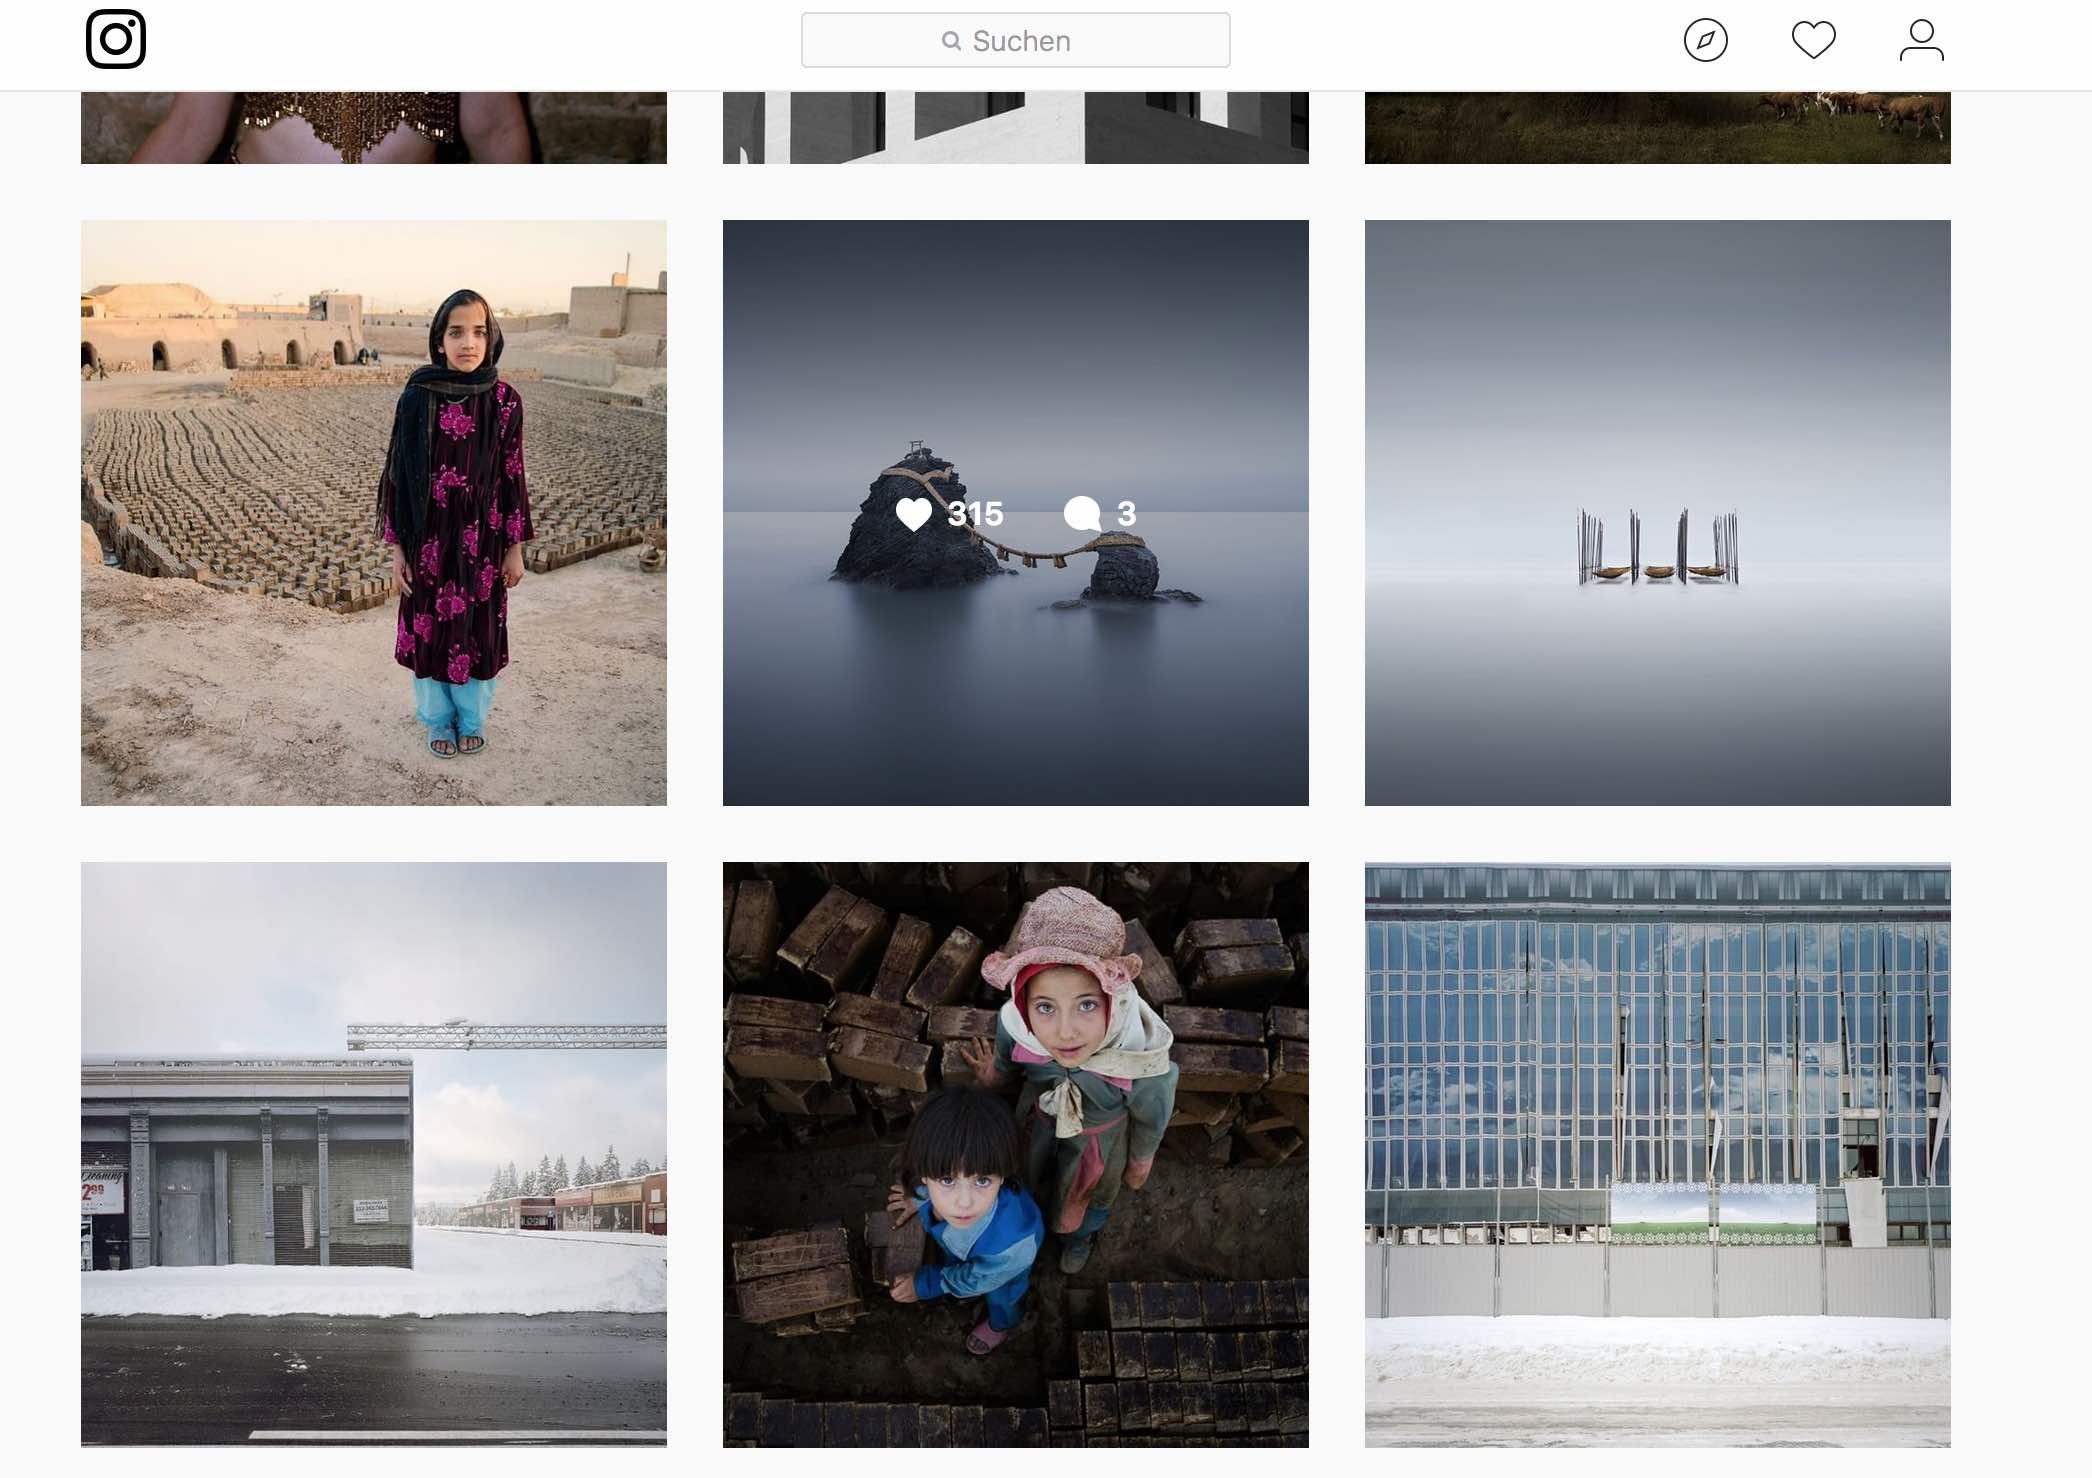 Felix Schoeller Photo Award now on Instagram!